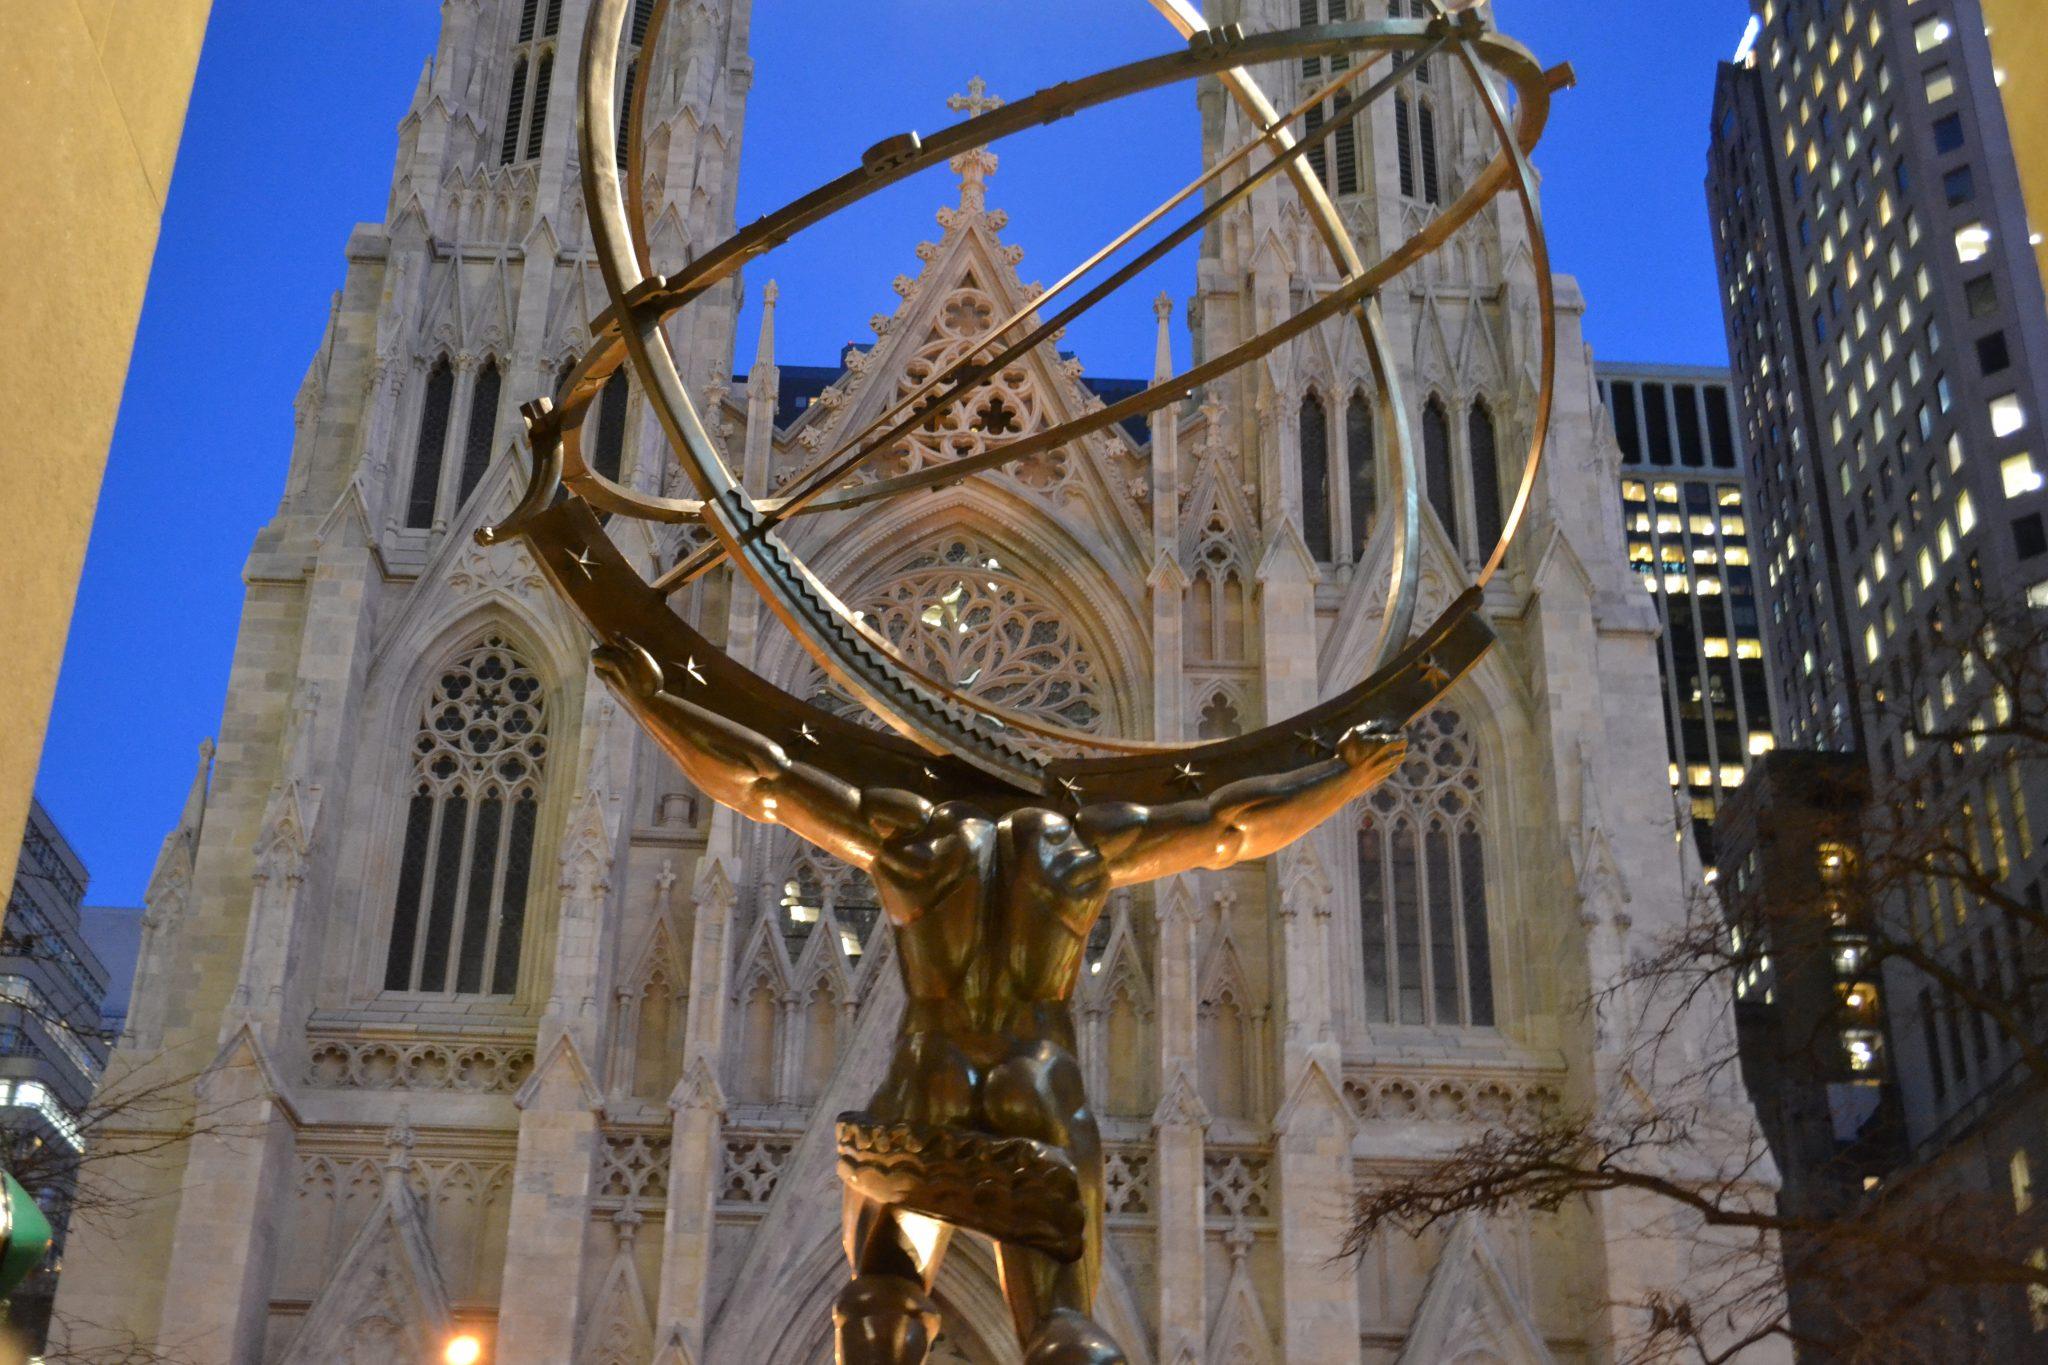 Eine Woche in New York: Rockefeller Center & Empire State Building - dsc 0222